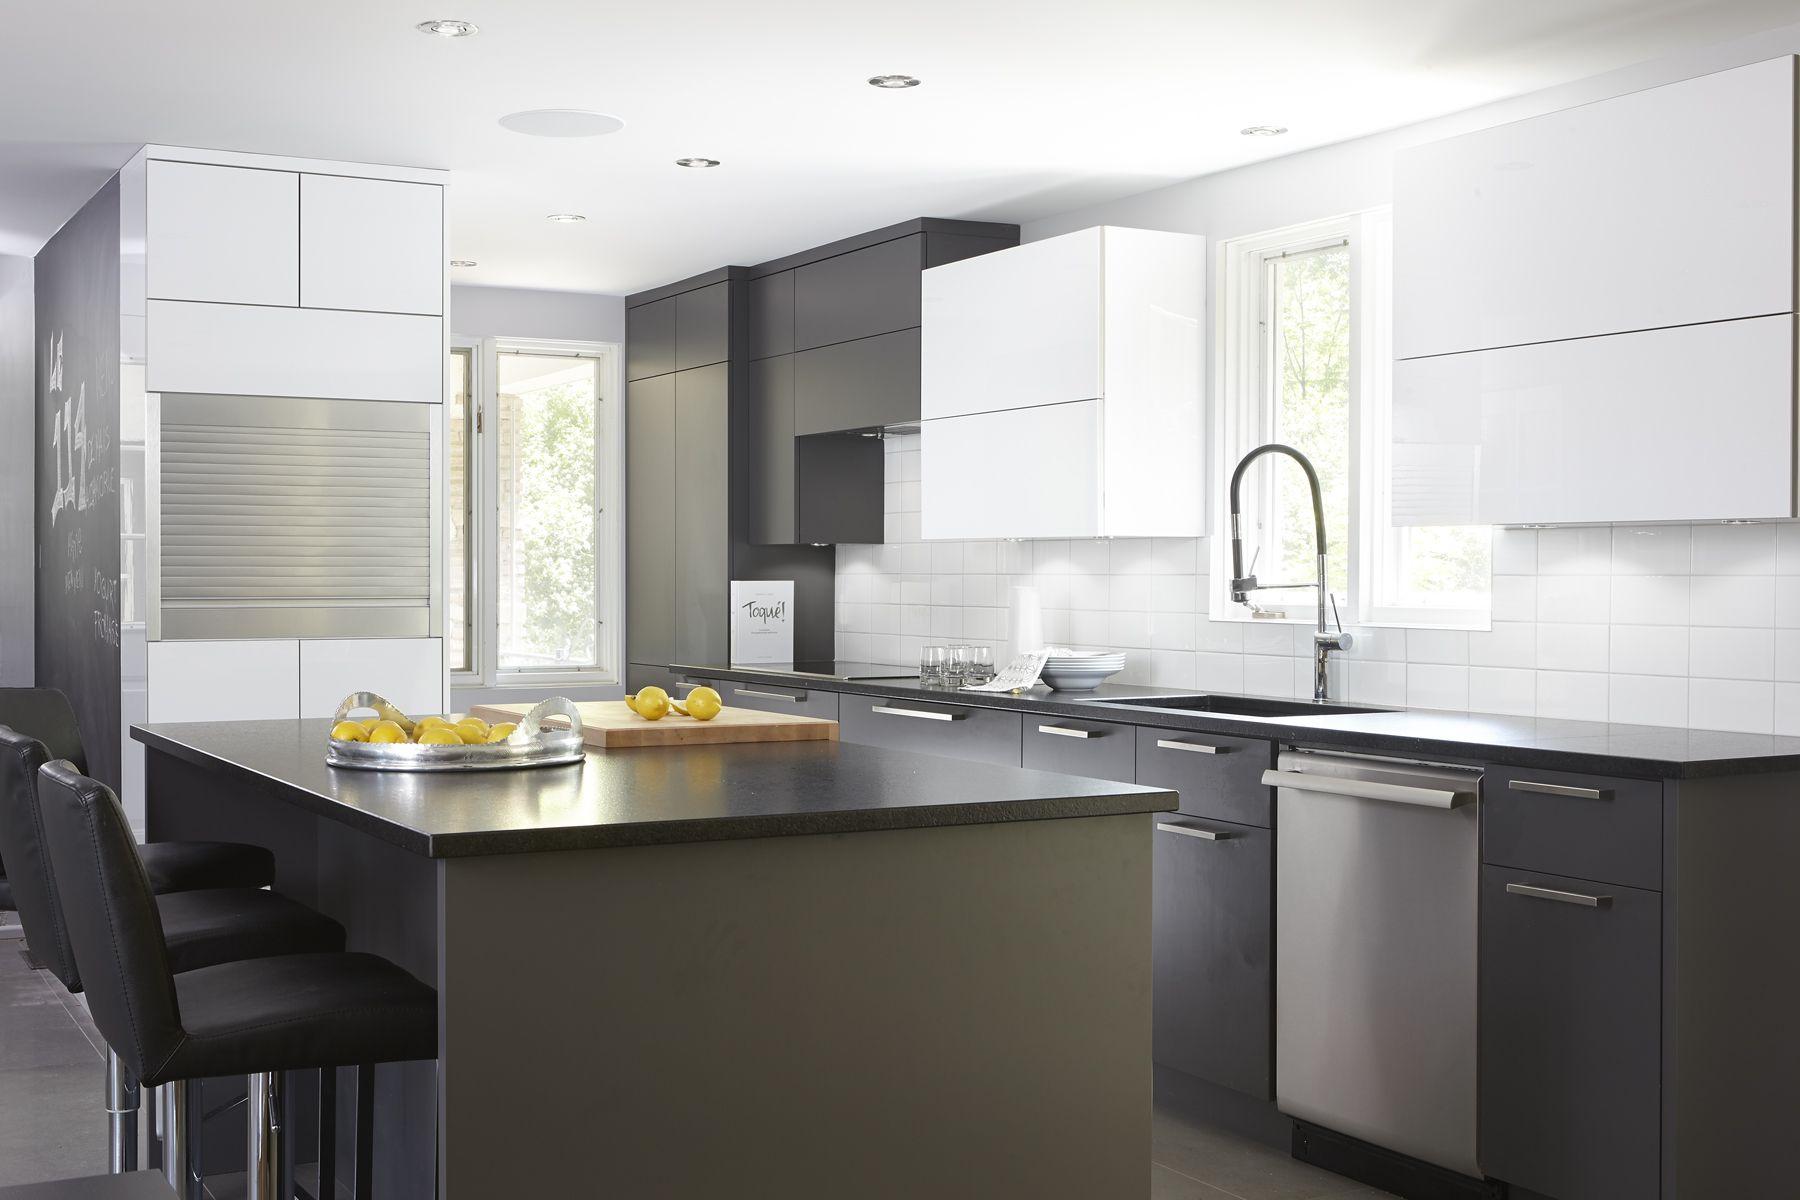 cuisine moderne compos e de panneaux d 39 armoires de cuisine